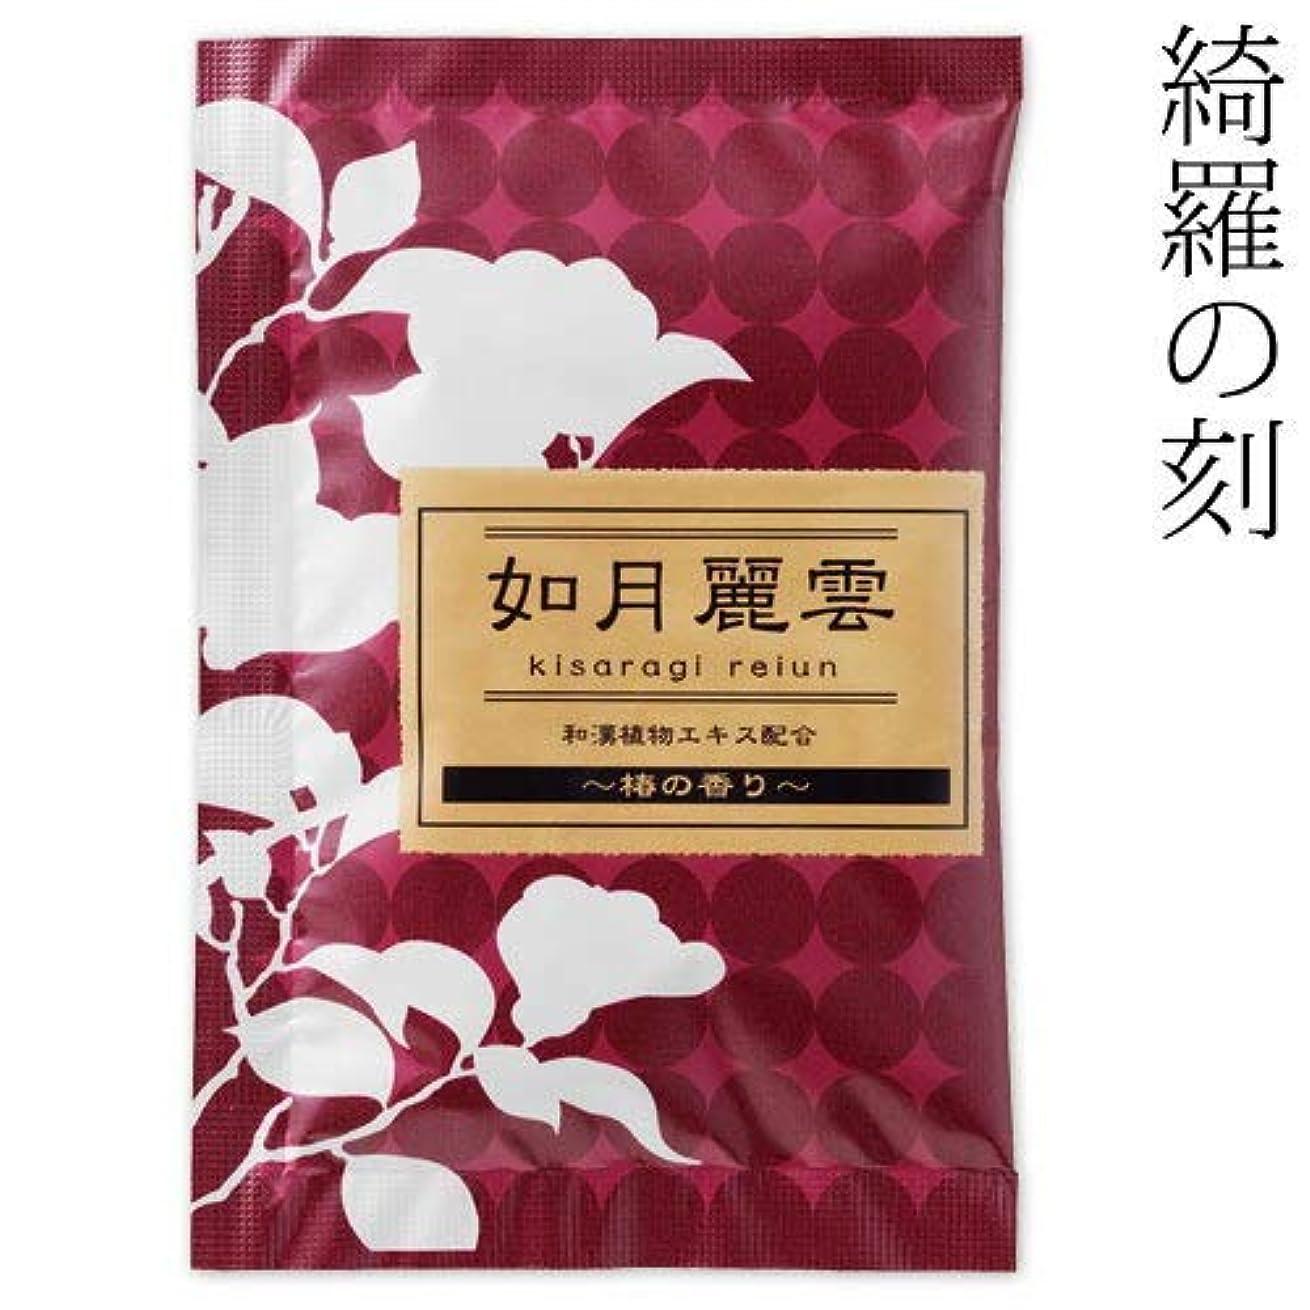 スキル動利用可能入浴剤綺羅の刻椿の香り如月麗雲1包石川県のお風呂グッズBath additive, Ishikawa craft